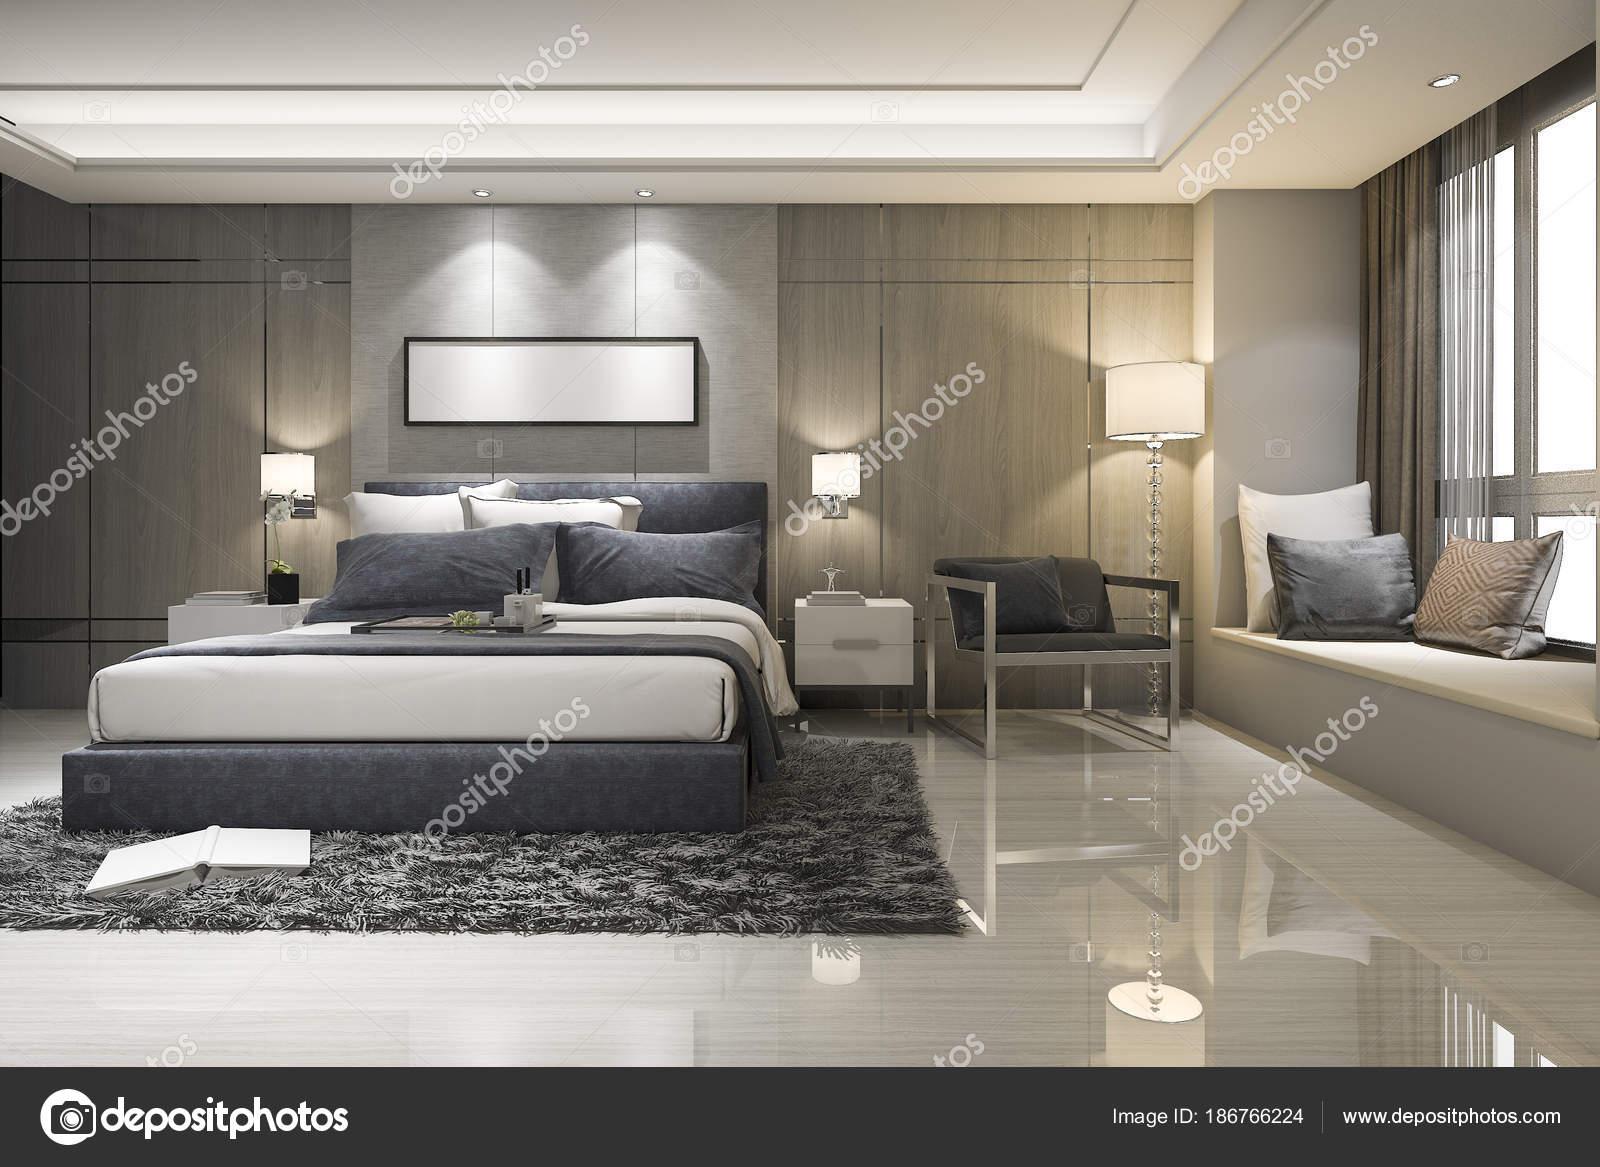 Cuarto Baño Suite Dormitorio Lujo Moderno Representación